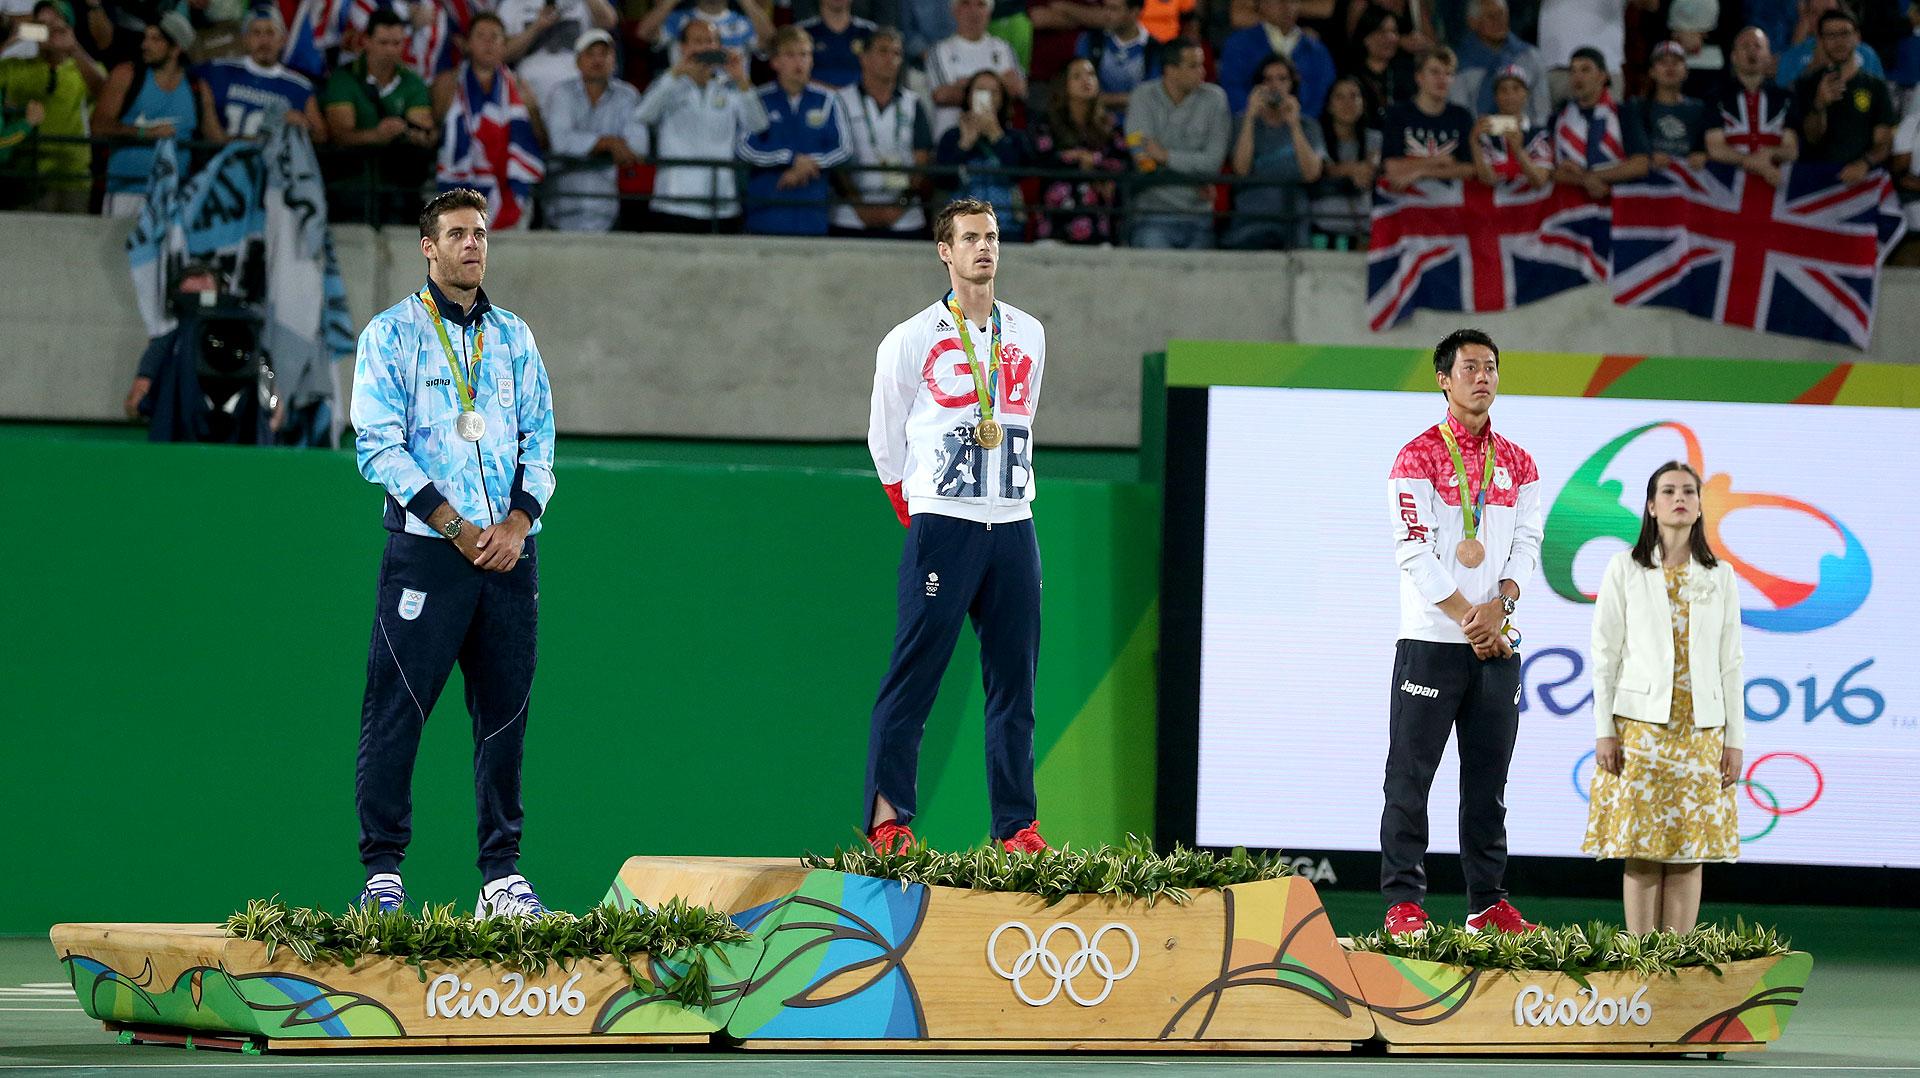 Del Potro en el podio junto a Andy Murray (medalla de oro) y Kei Nishikori (bronce) (Nicolás Stulberg)